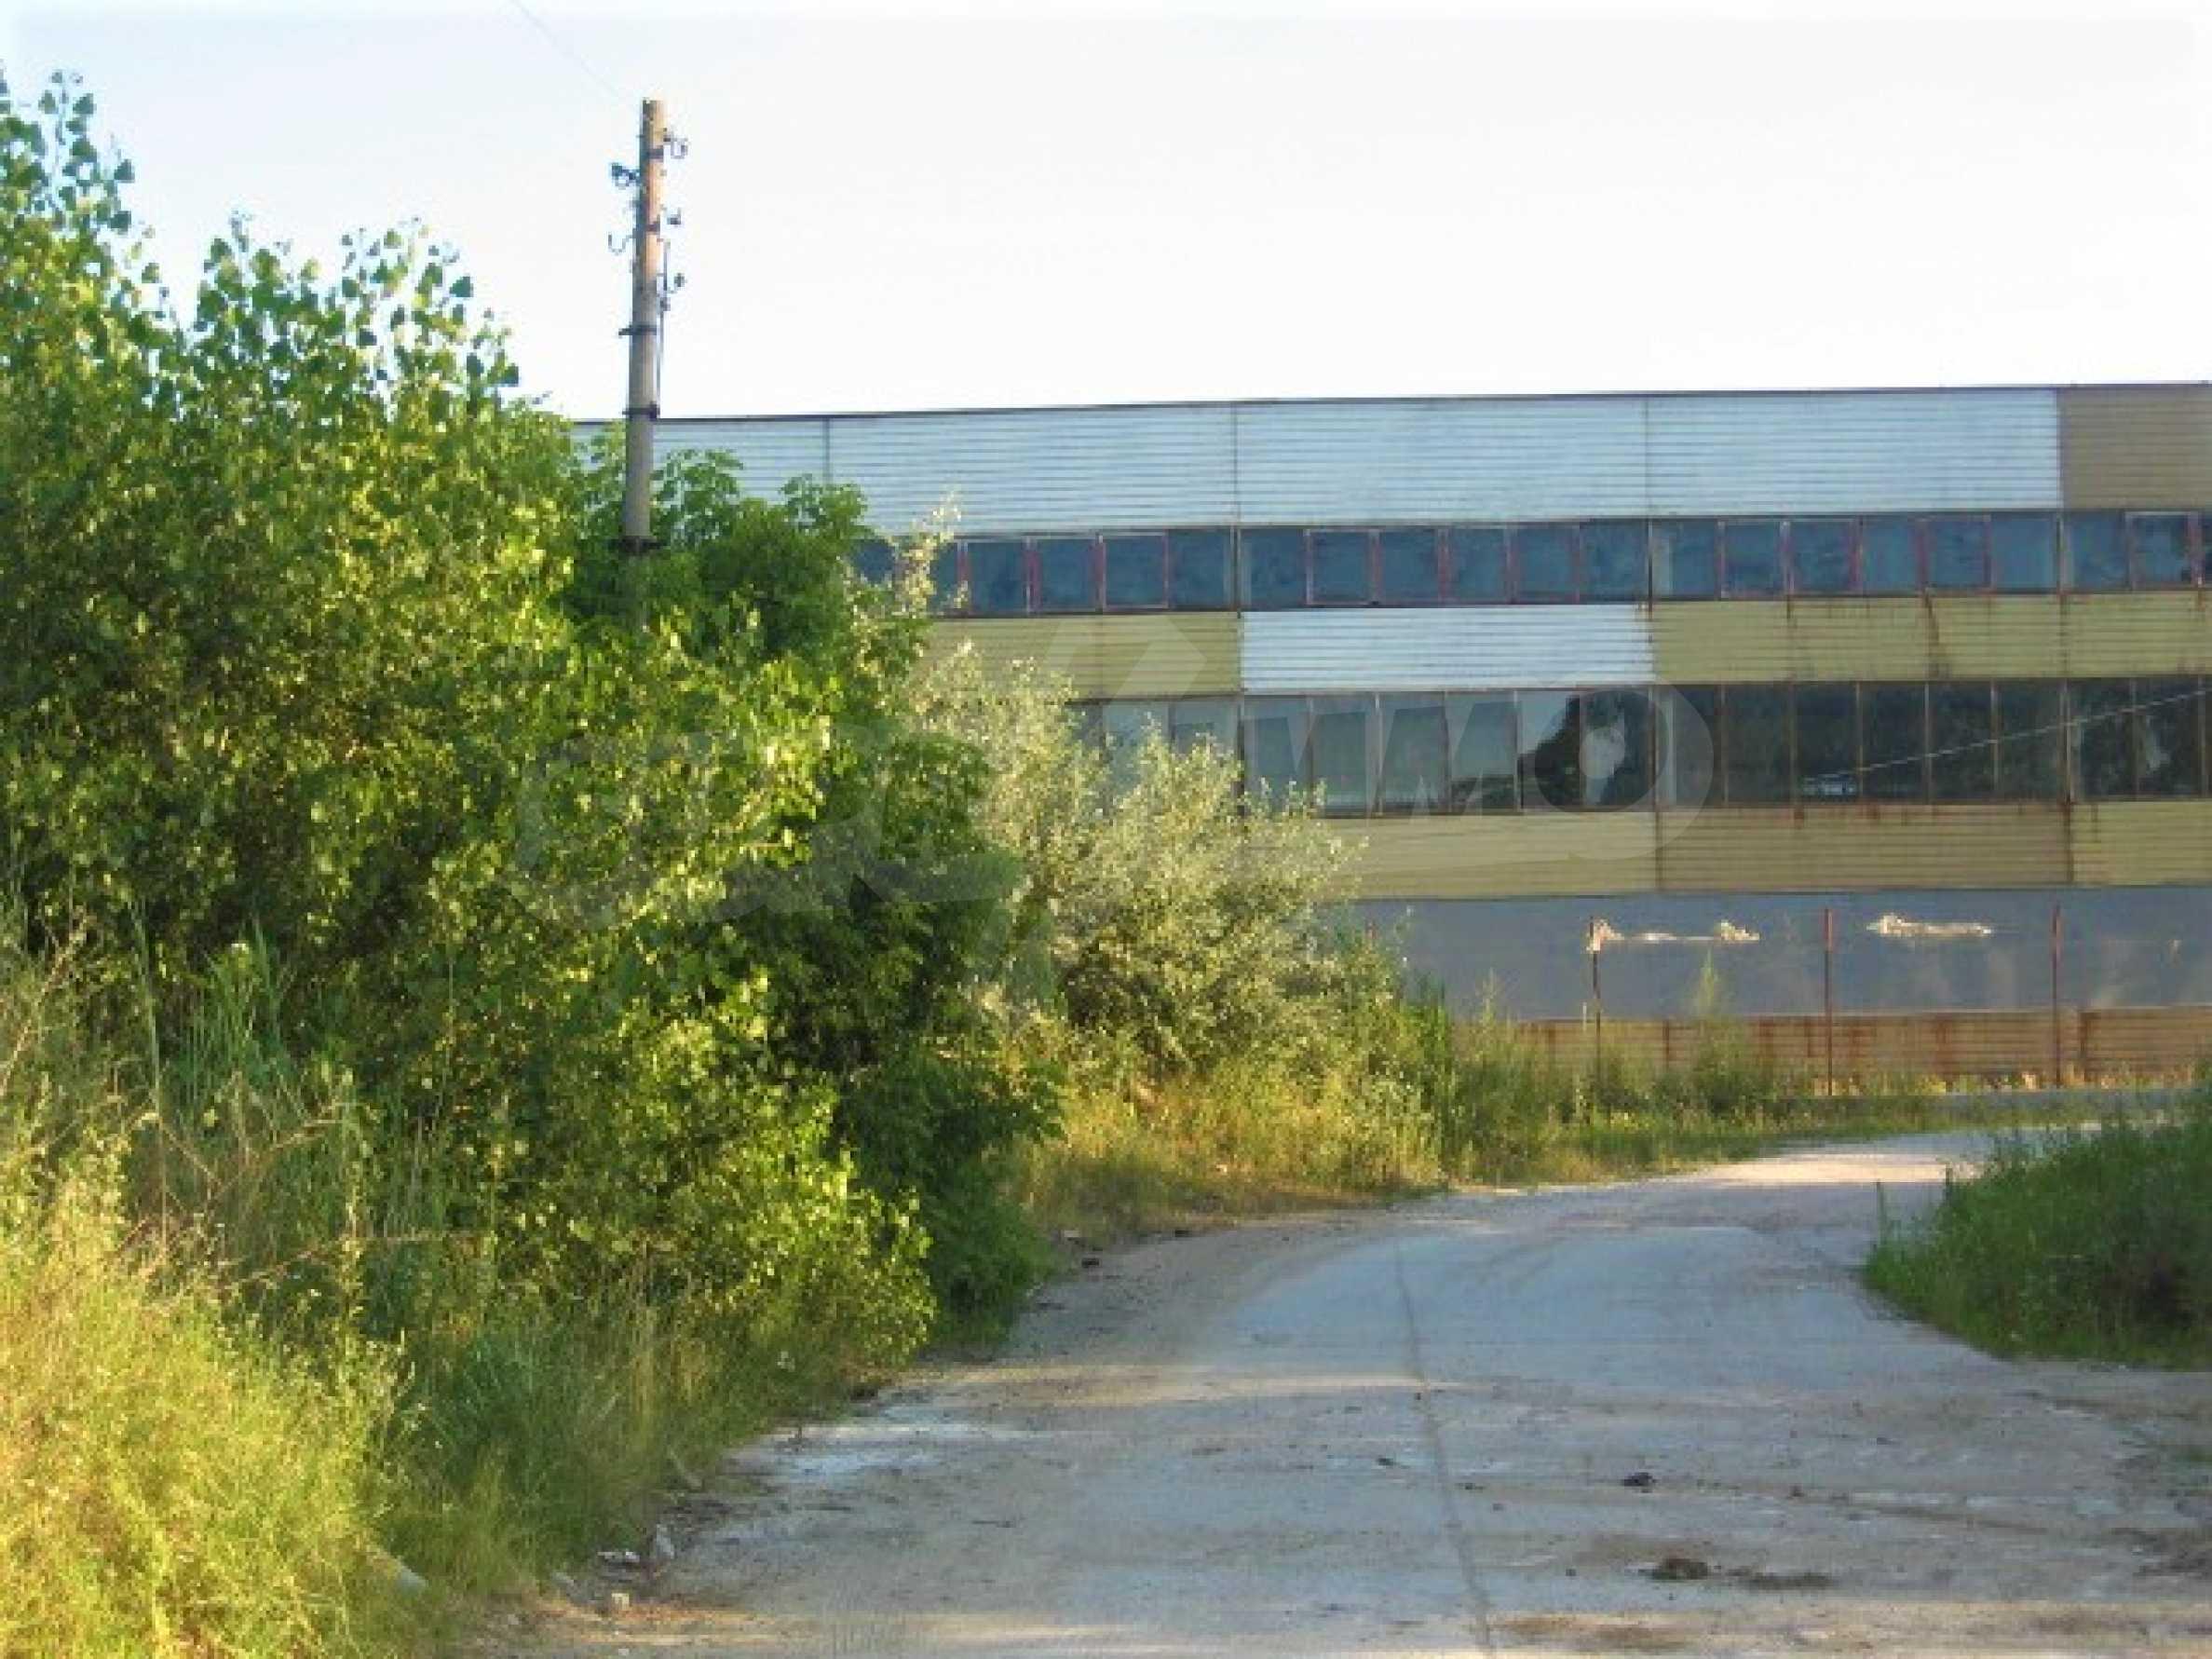 Участок под промышленное строительство в Южной индустриальной зоне г. Видин 3